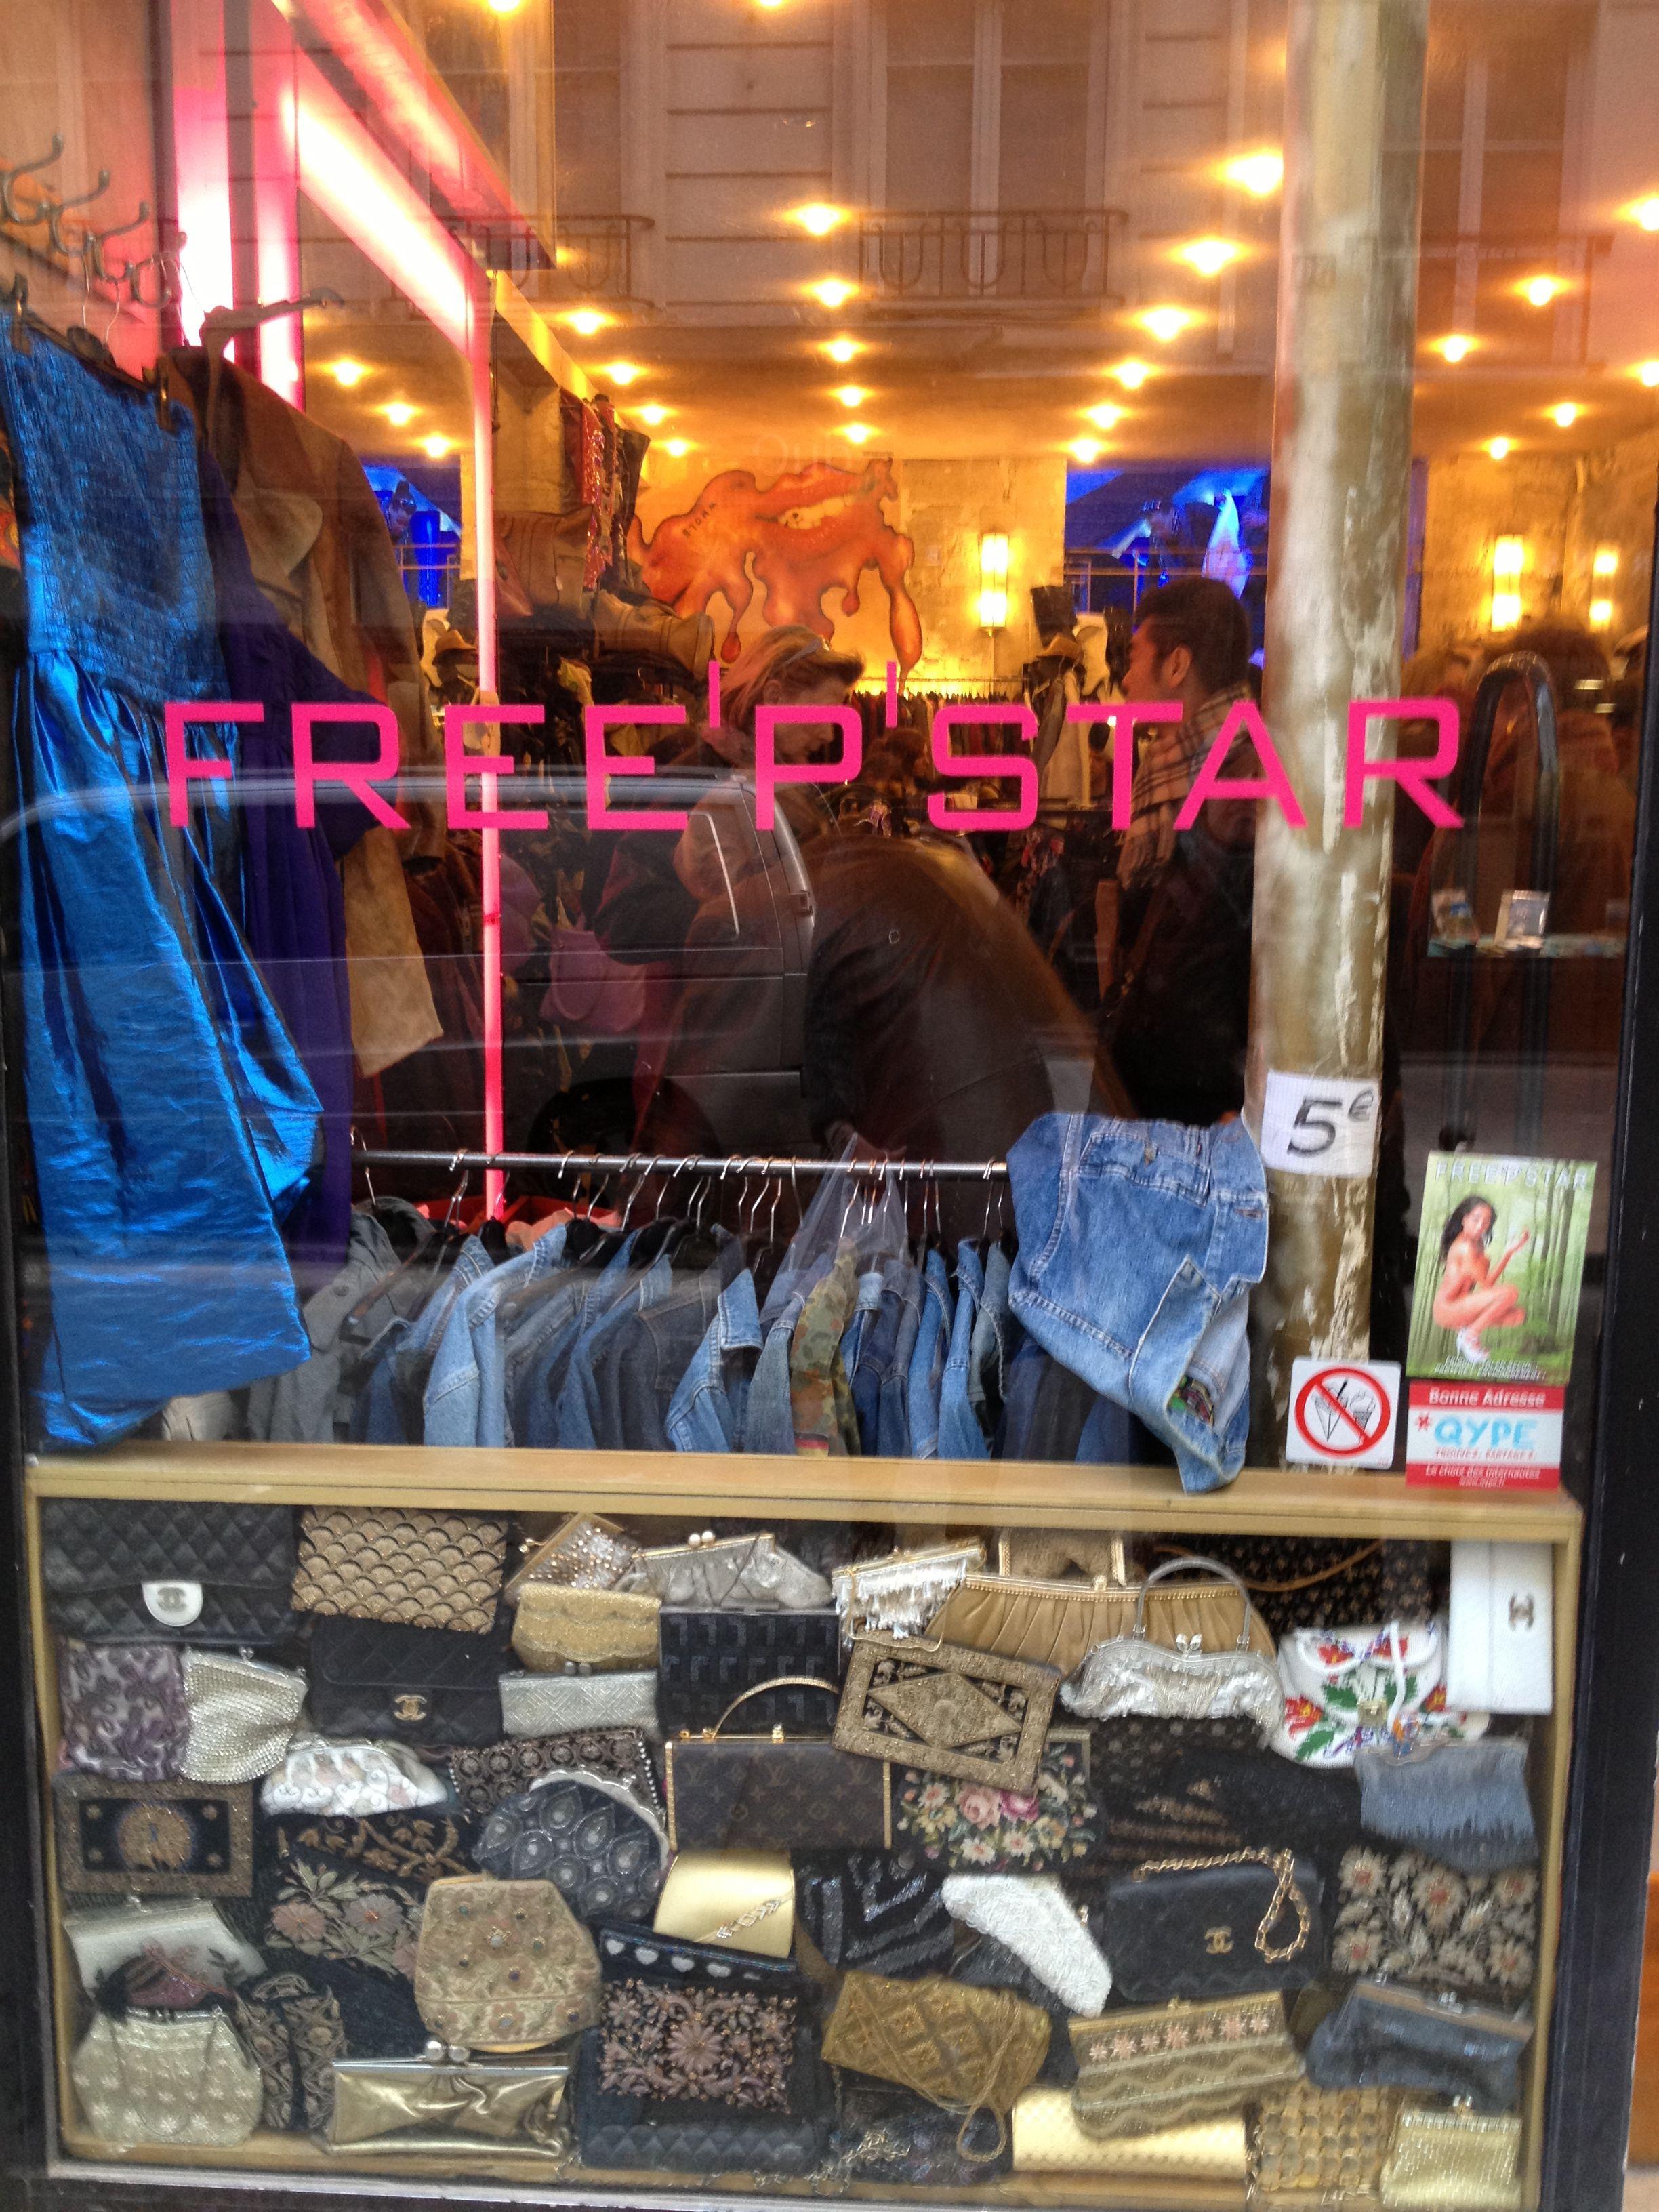 Pin By Grace On Paris Paris Shopping Paris City Guide Paris Vacation